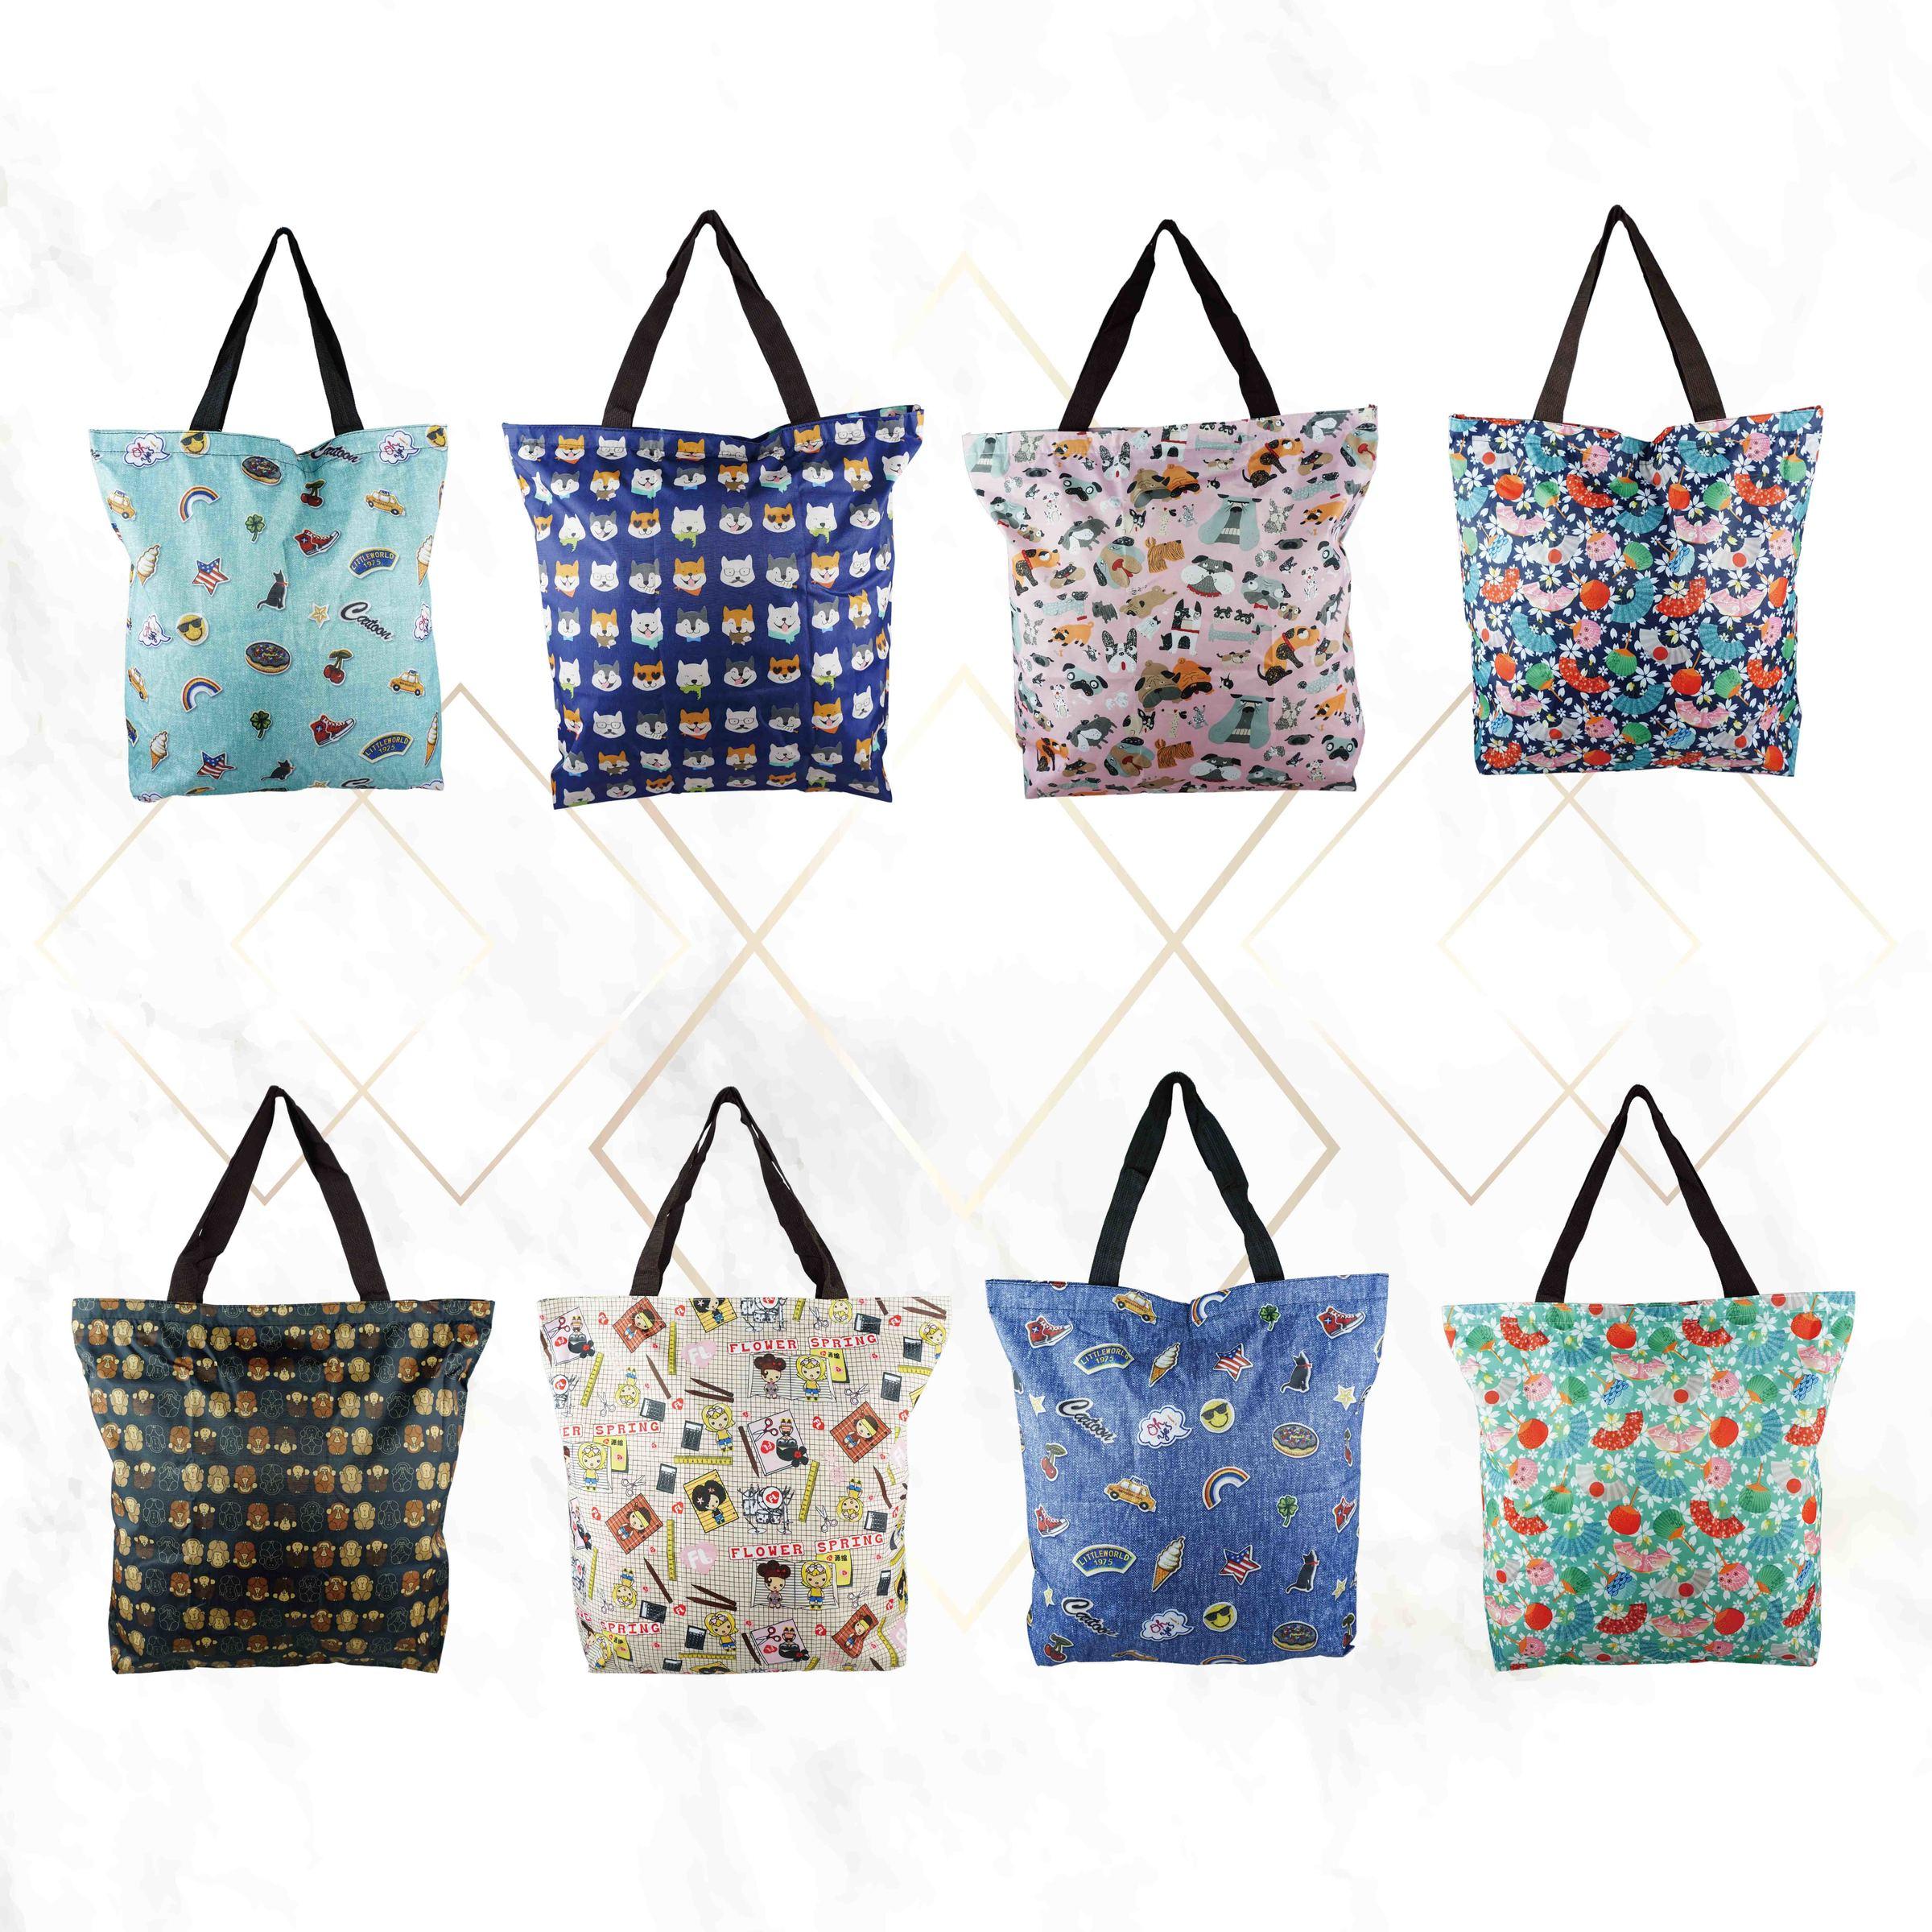 環保購物袋3.jpg